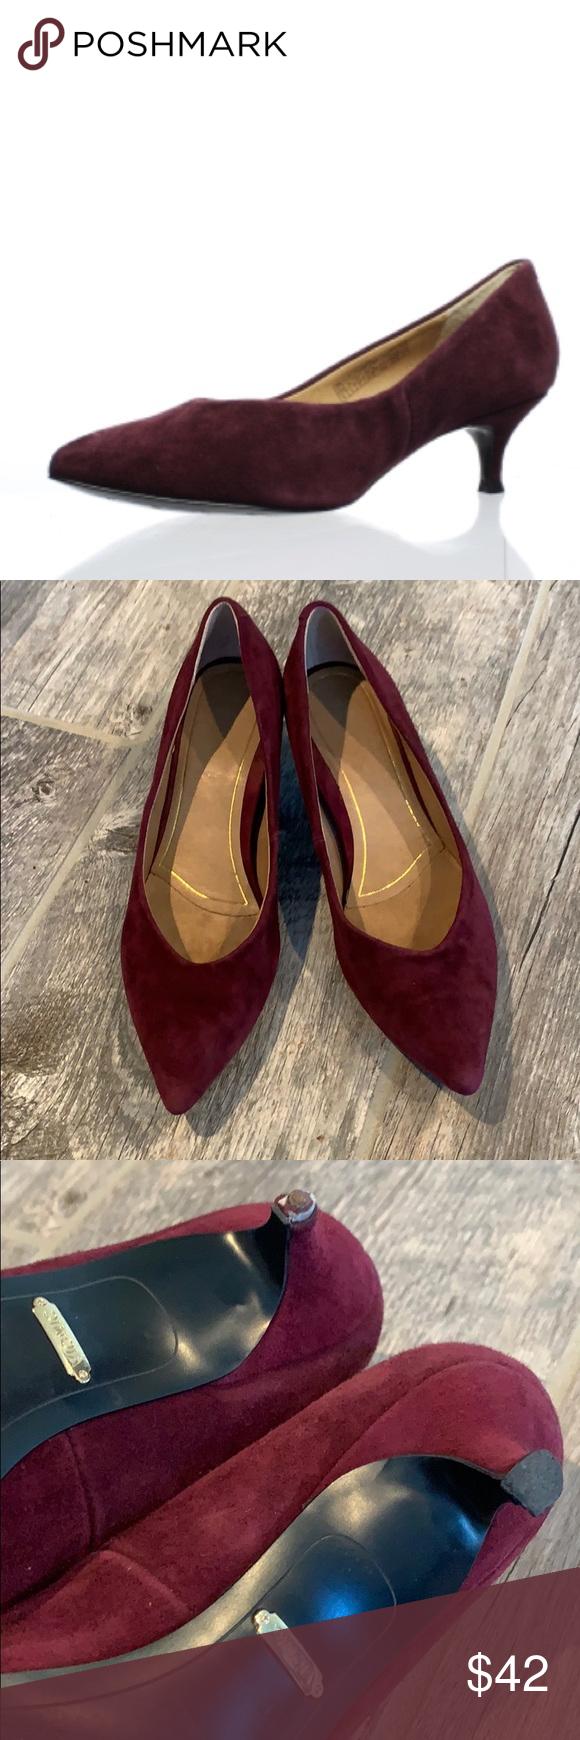 Vionic Plum Josie Leather Suede Kitten Heels Shoes Women Heels Leather Suede Kitten Heels